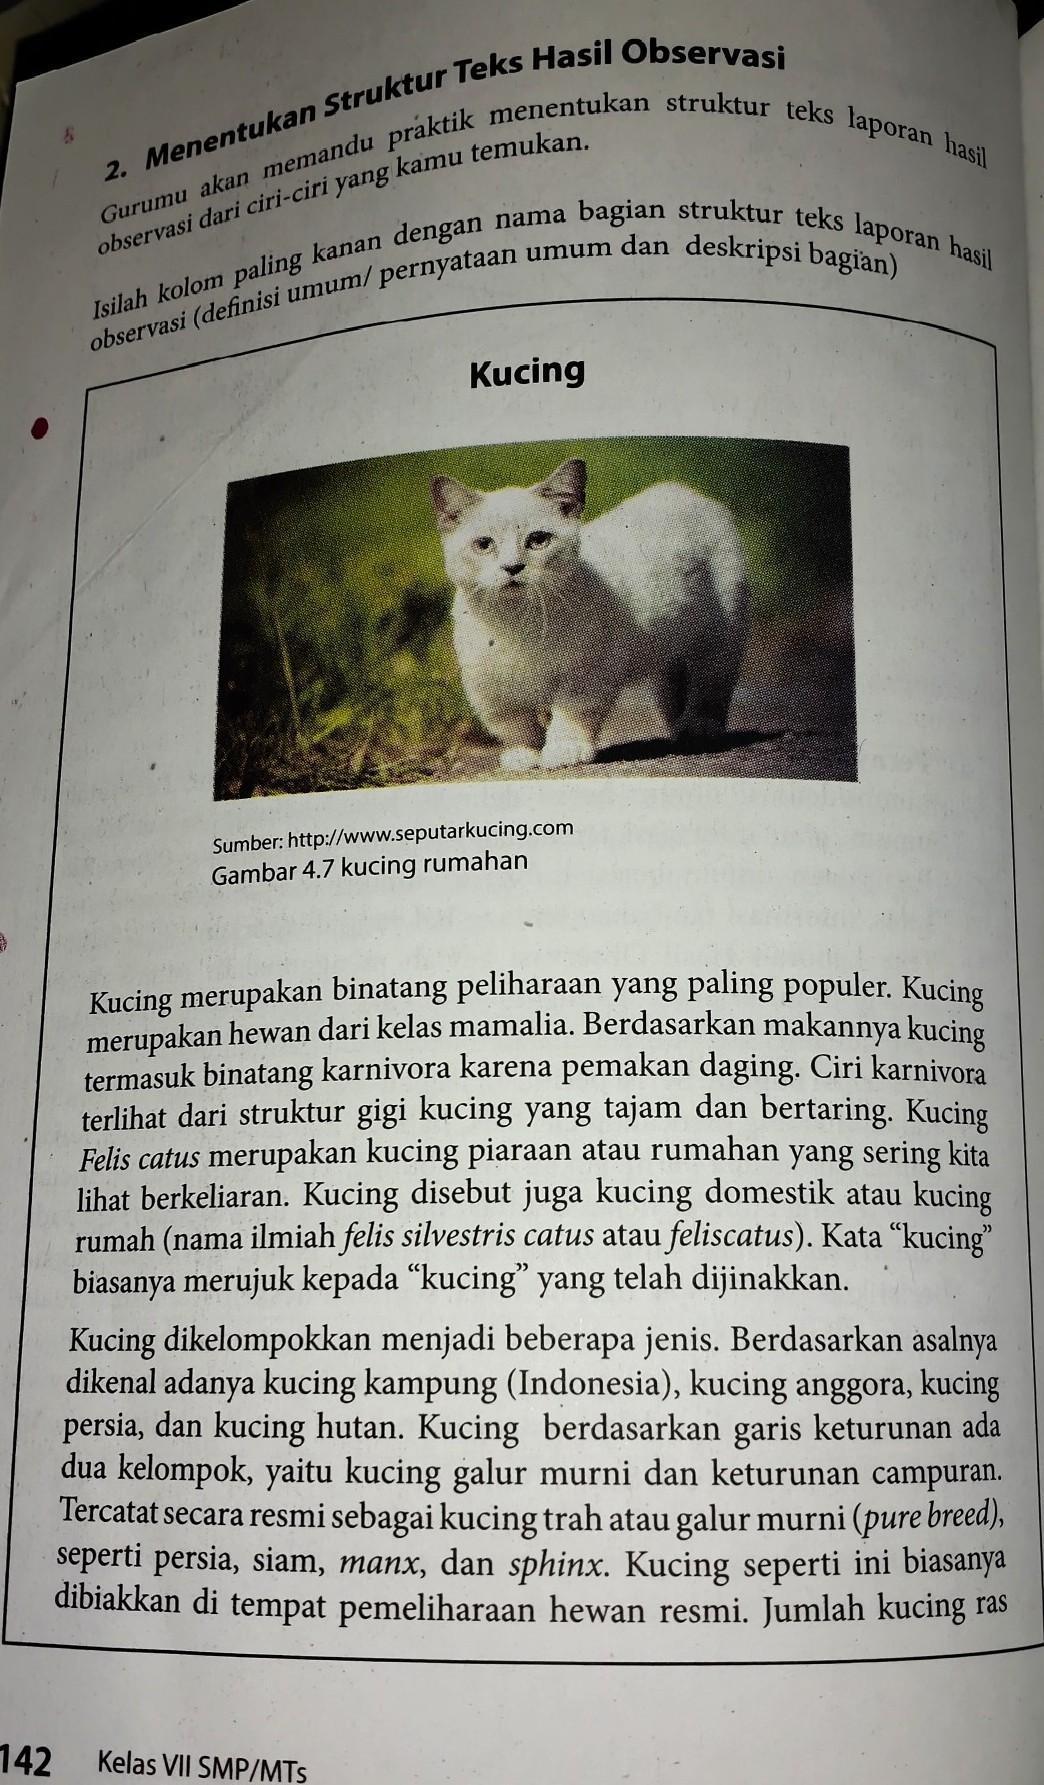 Pelajaran B Indonesiakelas 7 Smp Semester 1tugas Halaman 142 Tentukan Struktur Dari Teks Brainly Co Id